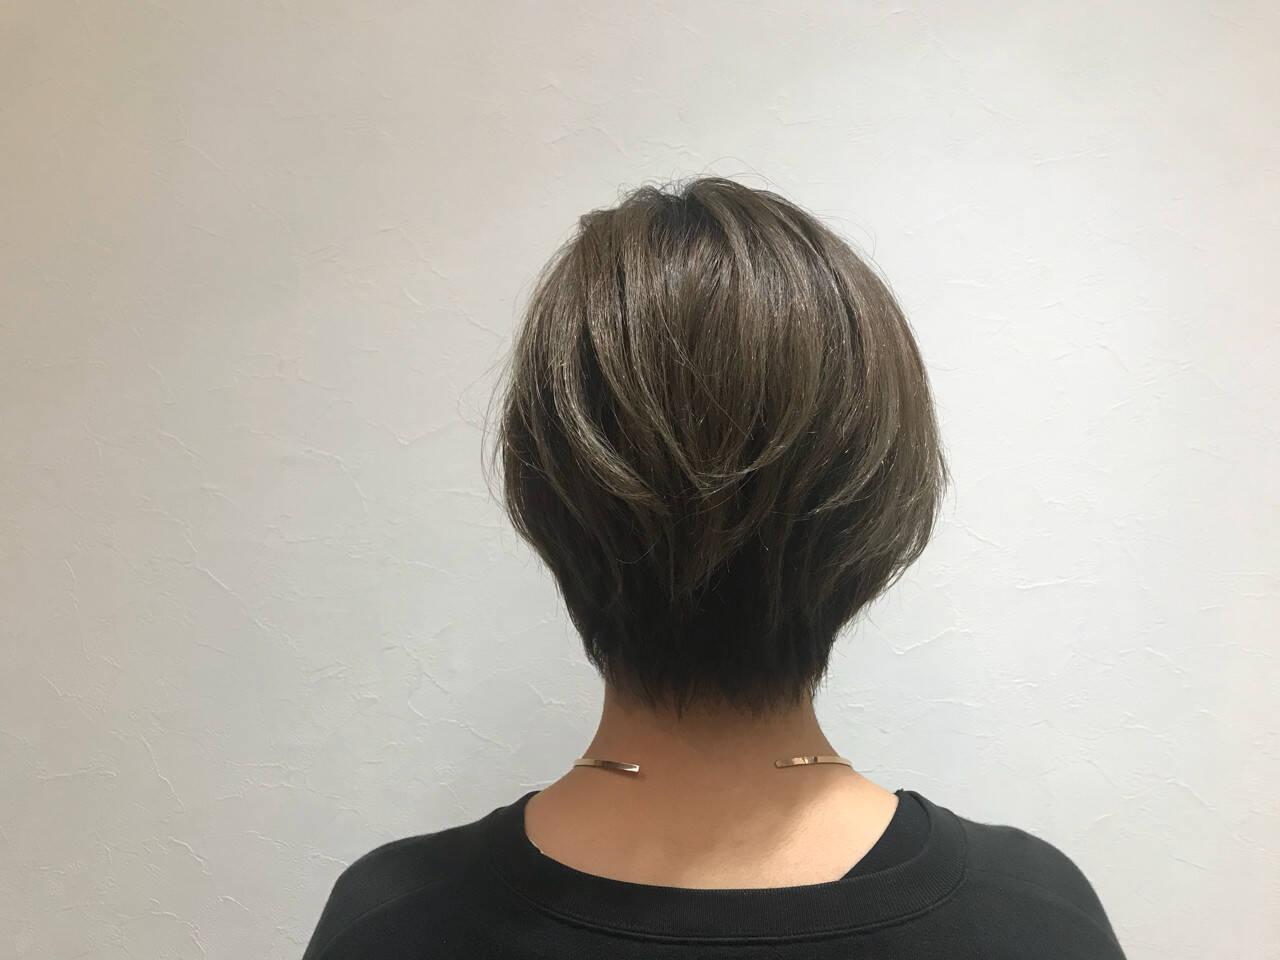 モード ボブ イルミナカラー イベントカラーヘアスタイルや髪型の写真・画像